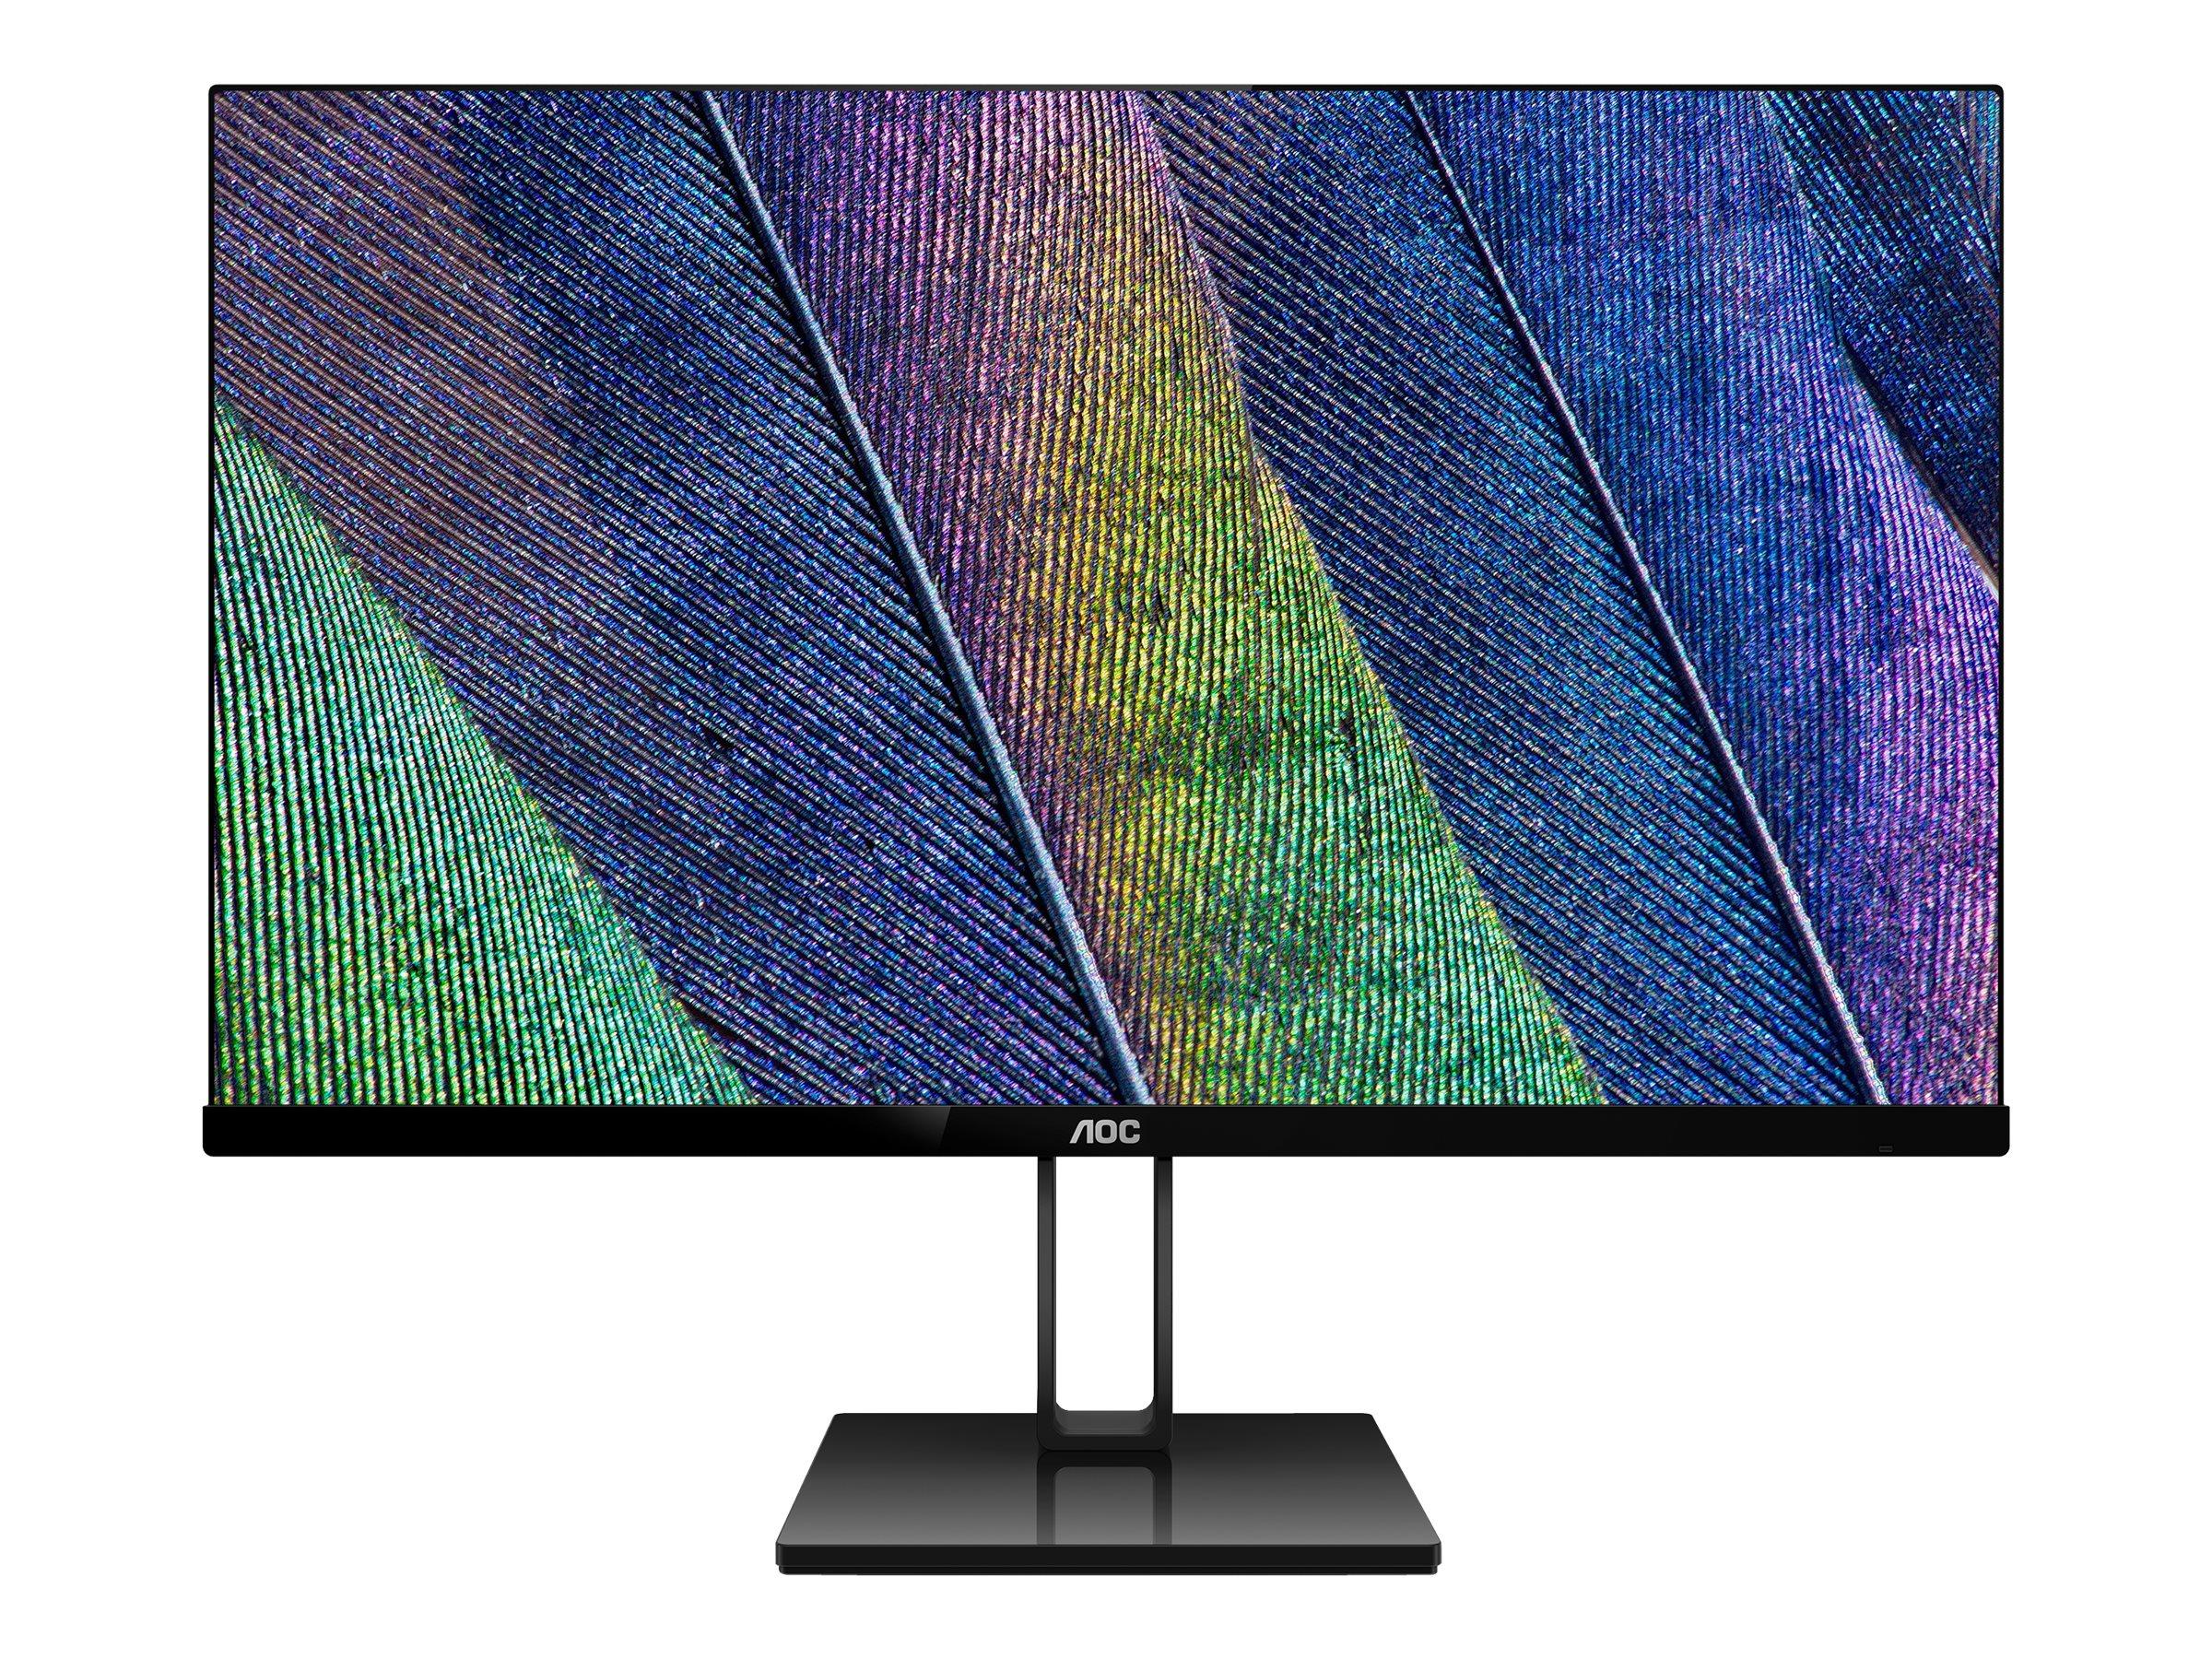 """AOC 27V2Q - LED-Monitor - 68.6 cm (27"""") - 1920 x 1080 Full HD (1080p)"""